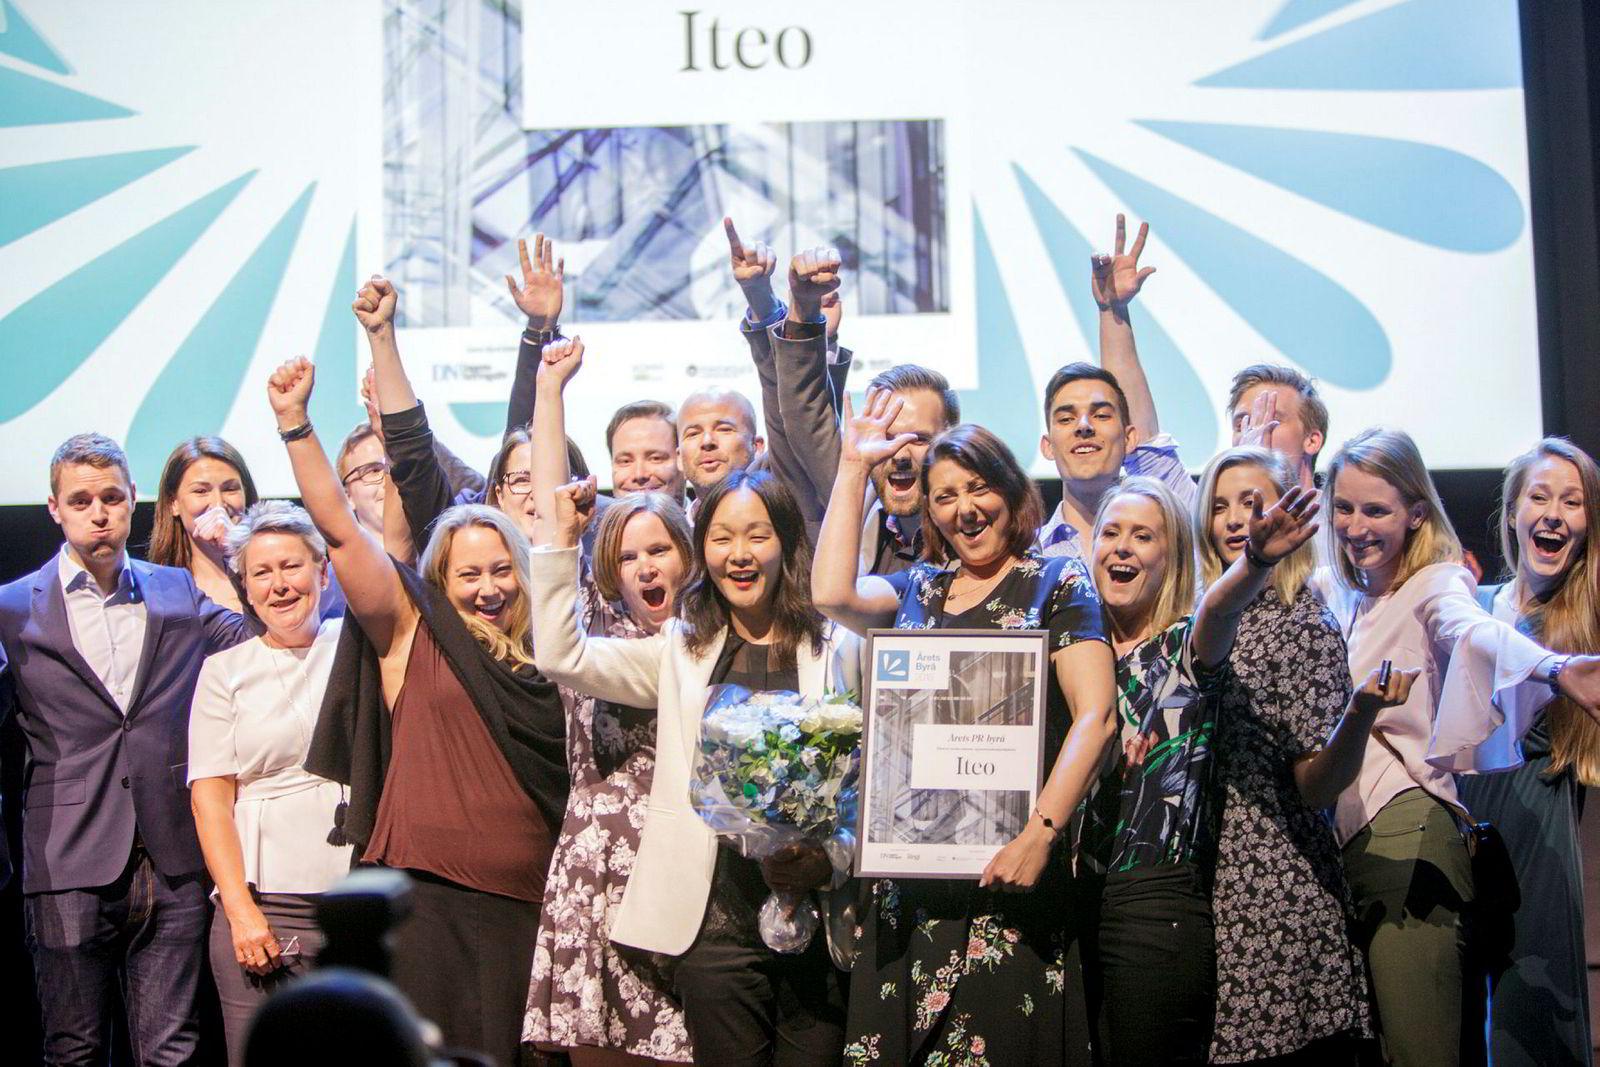 Gjengen i Iteo tok hjem prisen for årets pr-byrå for andre året på rad.